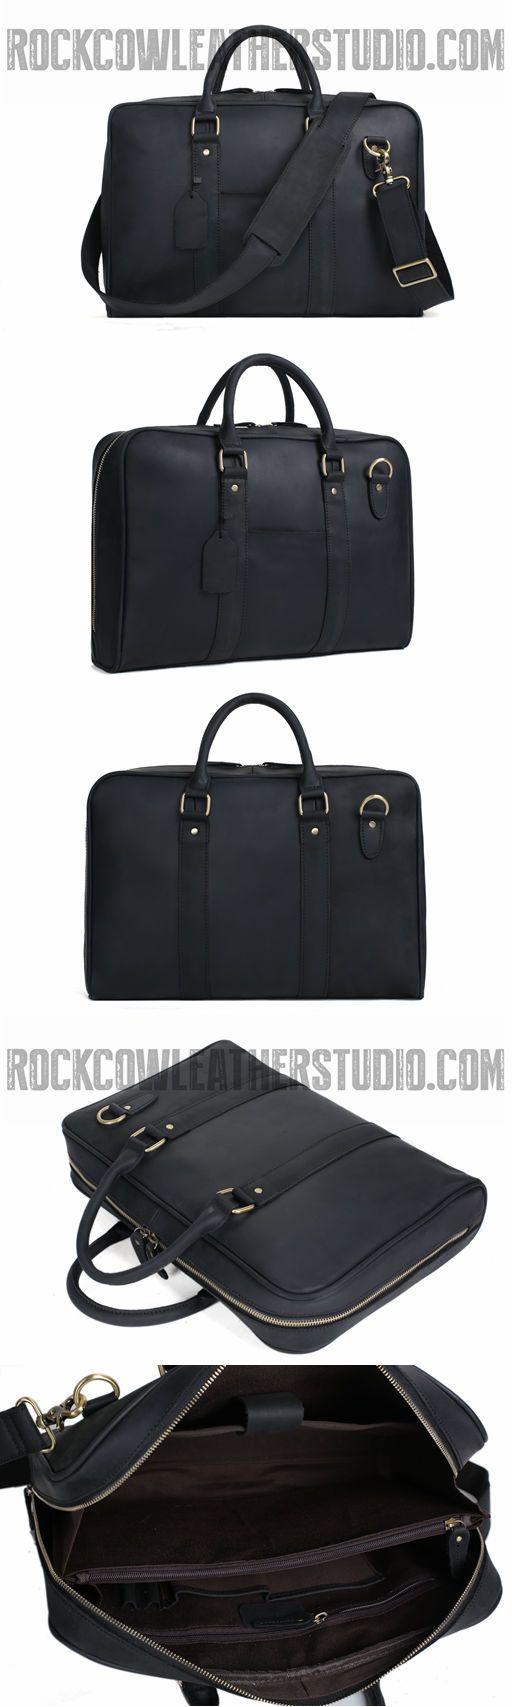 Black Genuine Leather Briefcase, Messenger Bag, Laptop Bag, Men's Handbag D007